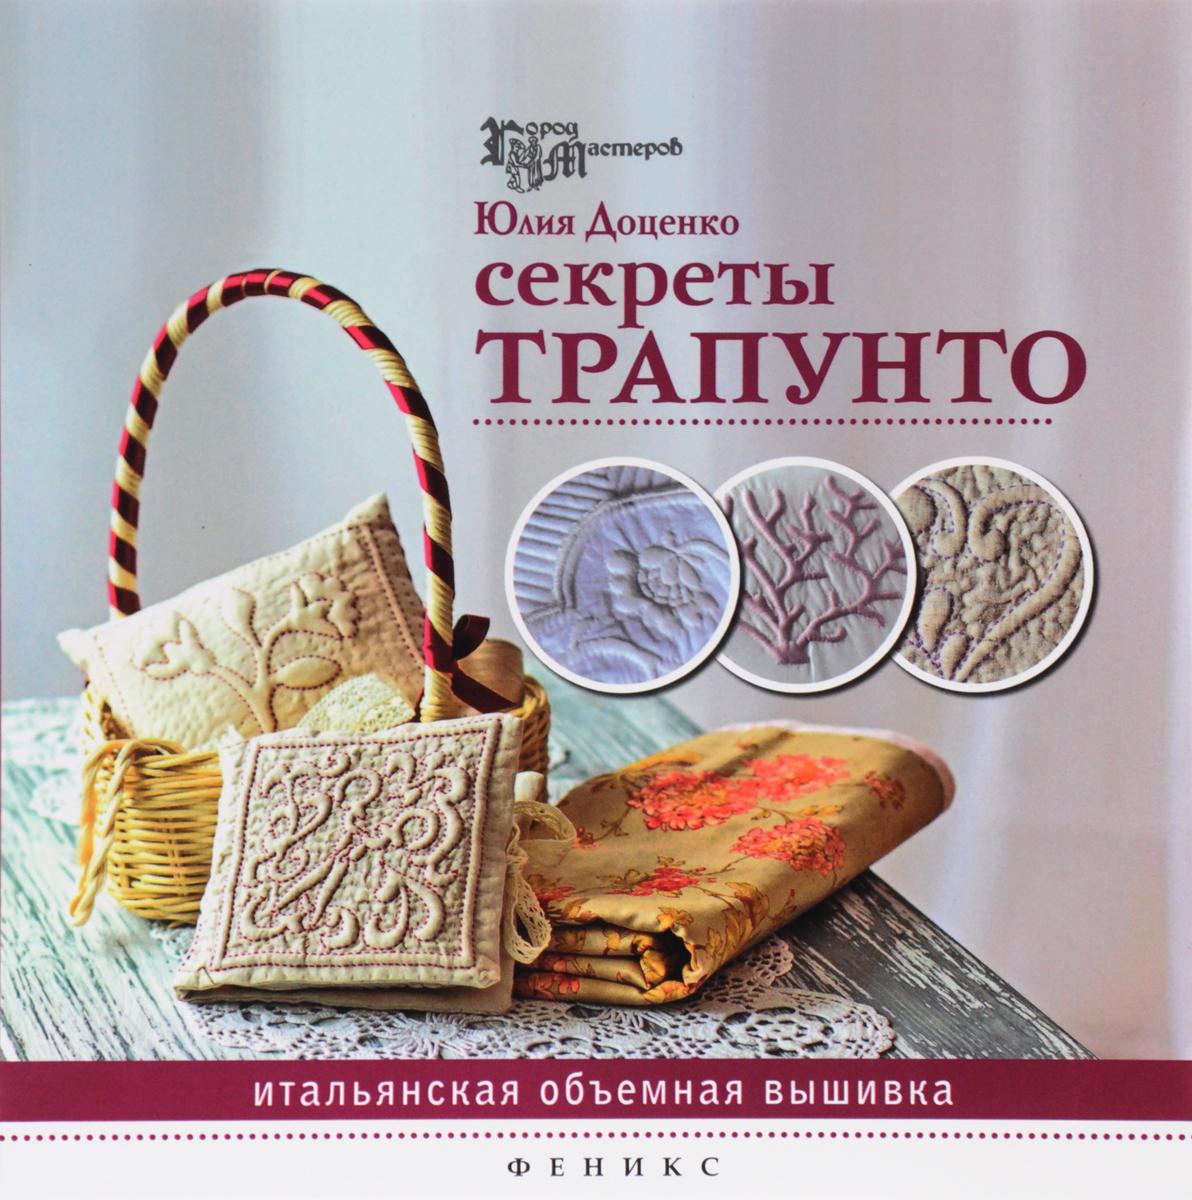 9785222279625 - Юлия Доценко: Секреты трапунто. Итальянская объемная вышивка - Книга